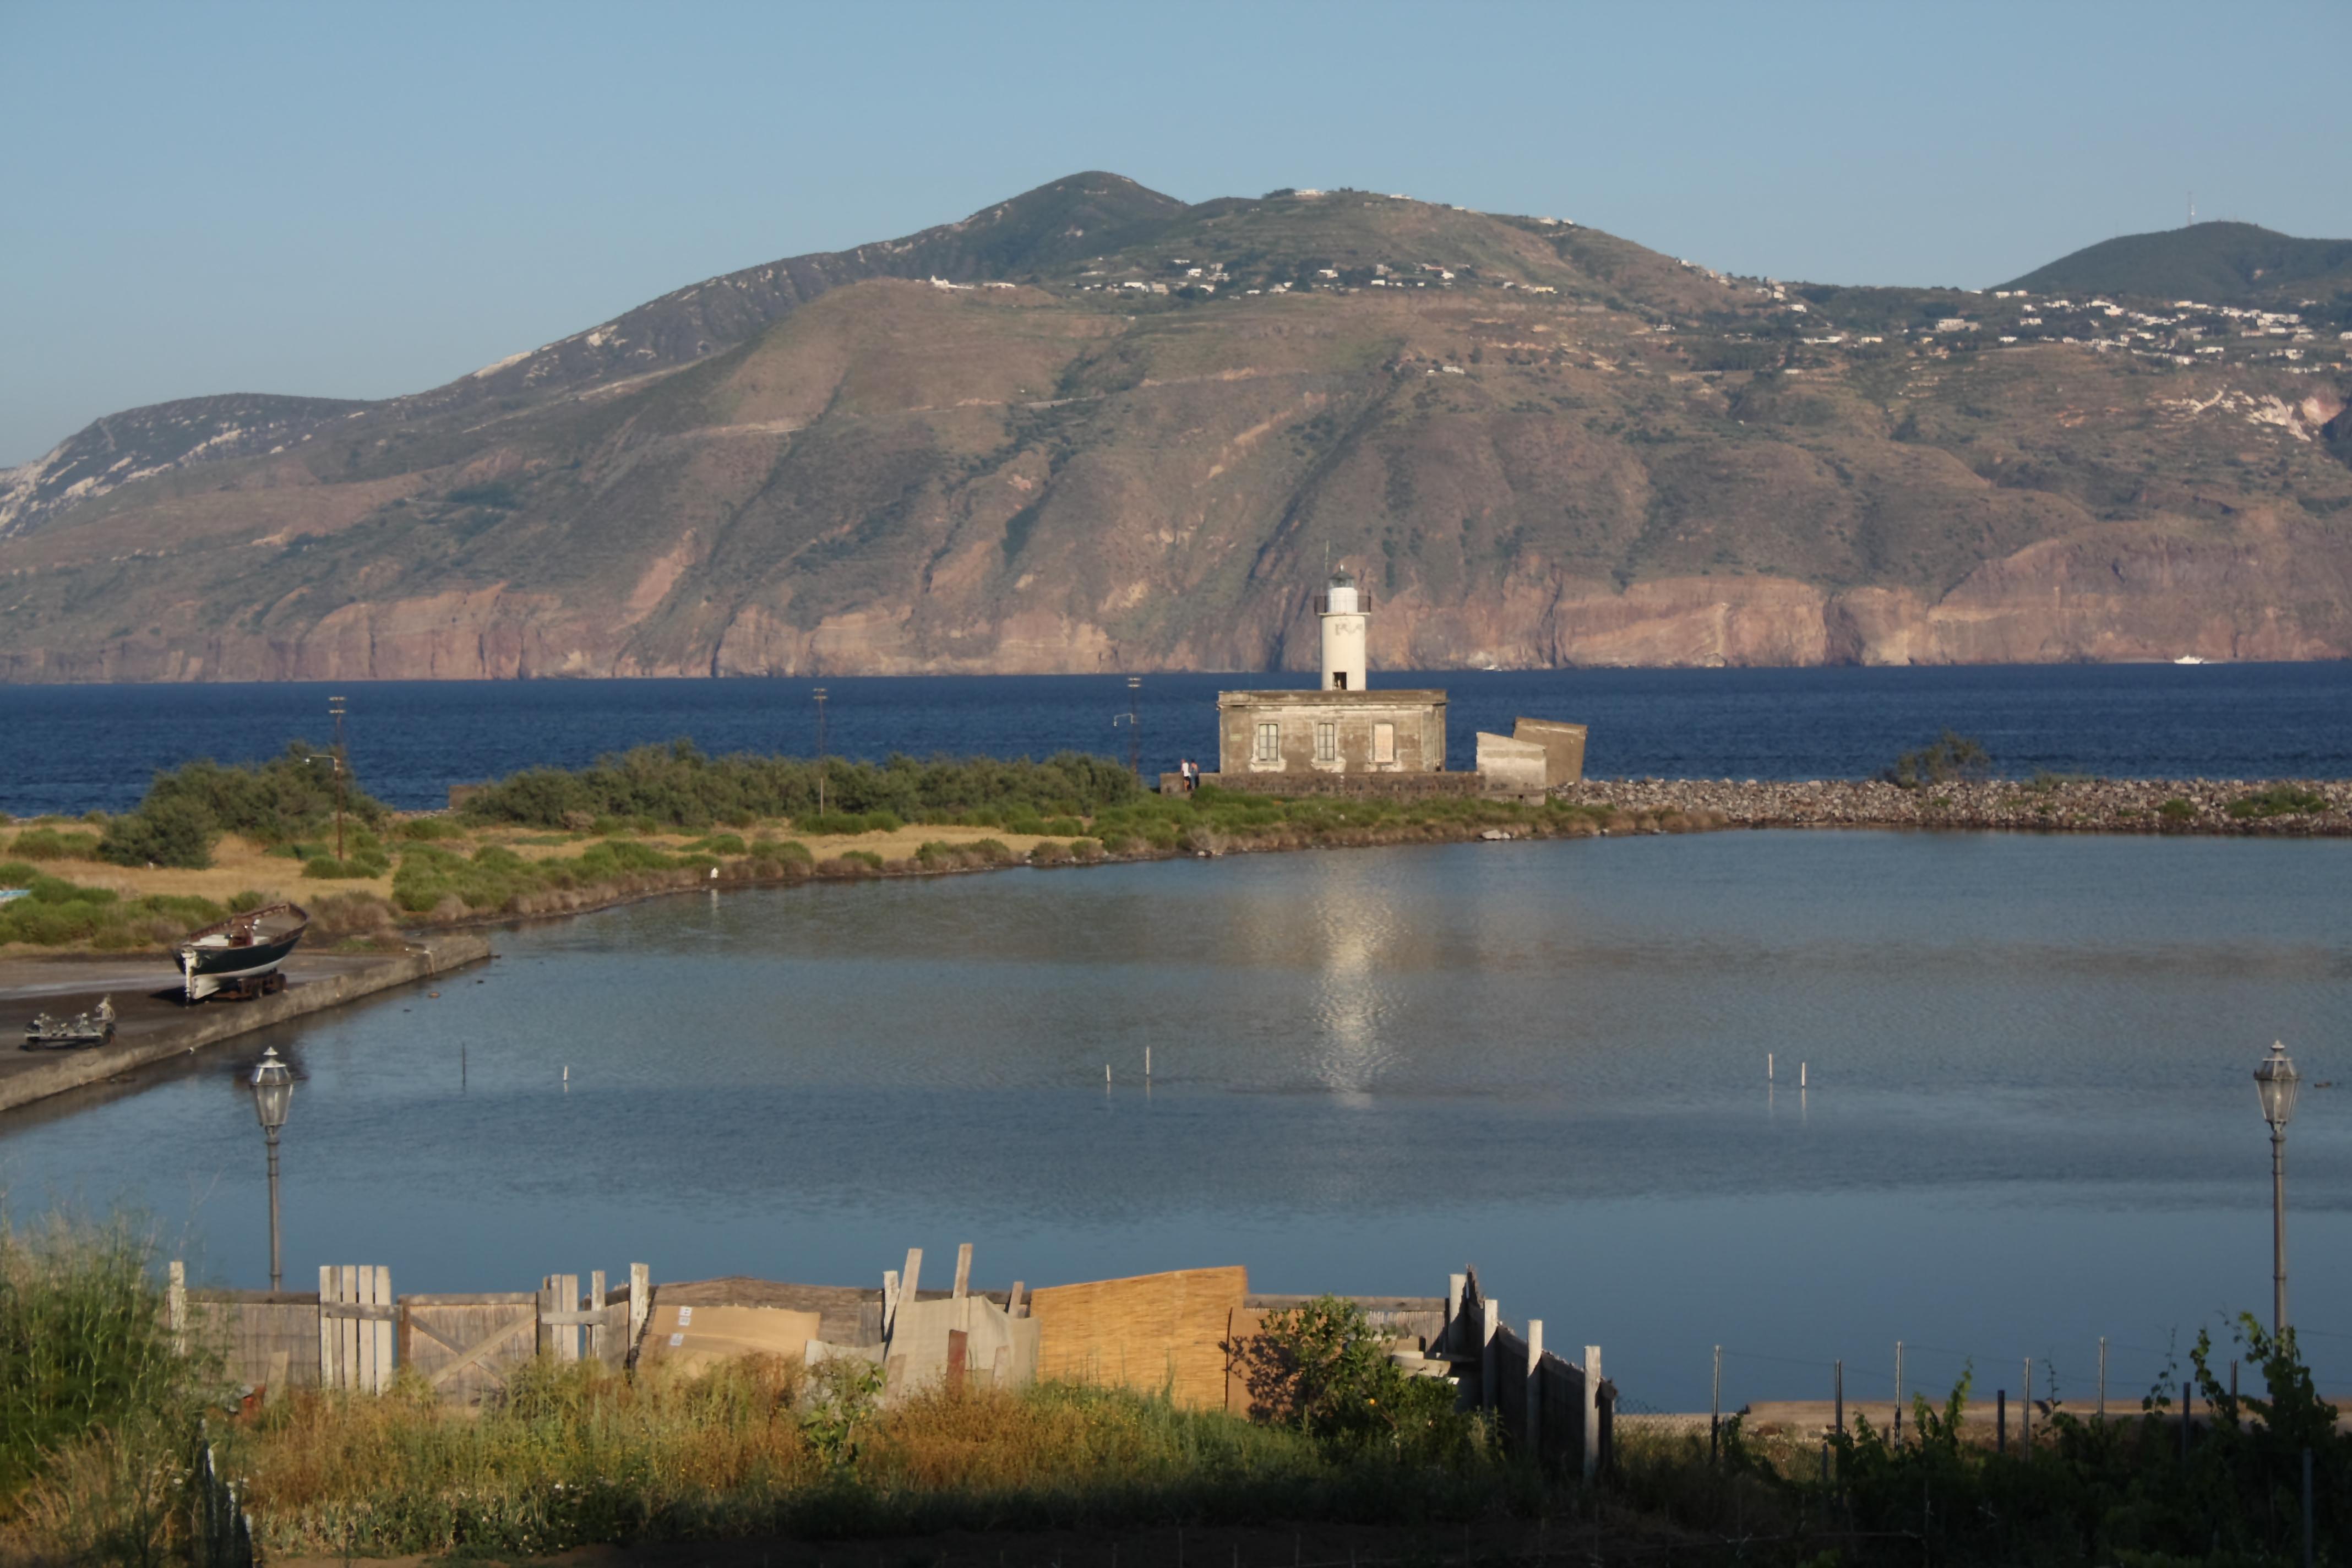 Noleggio Barche Salina - Navalia | Noleggia un Sogno